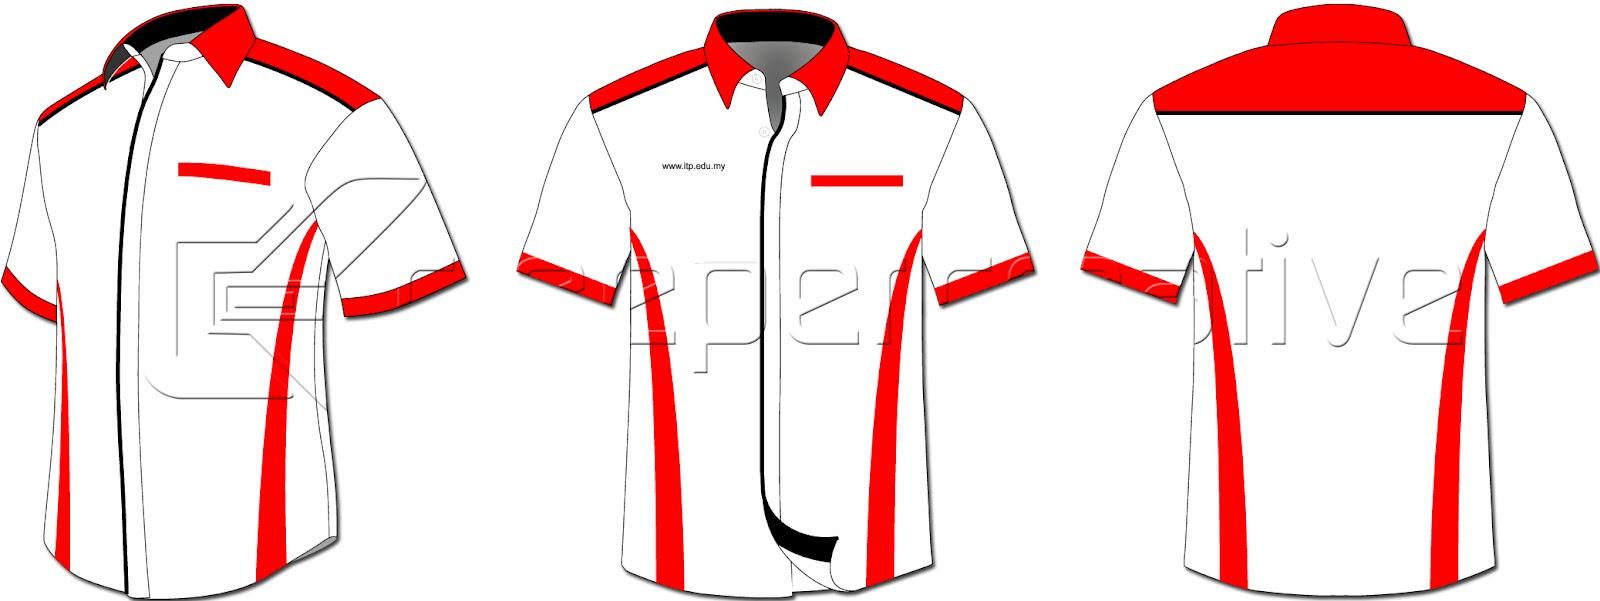 F1 Shirt Design Template